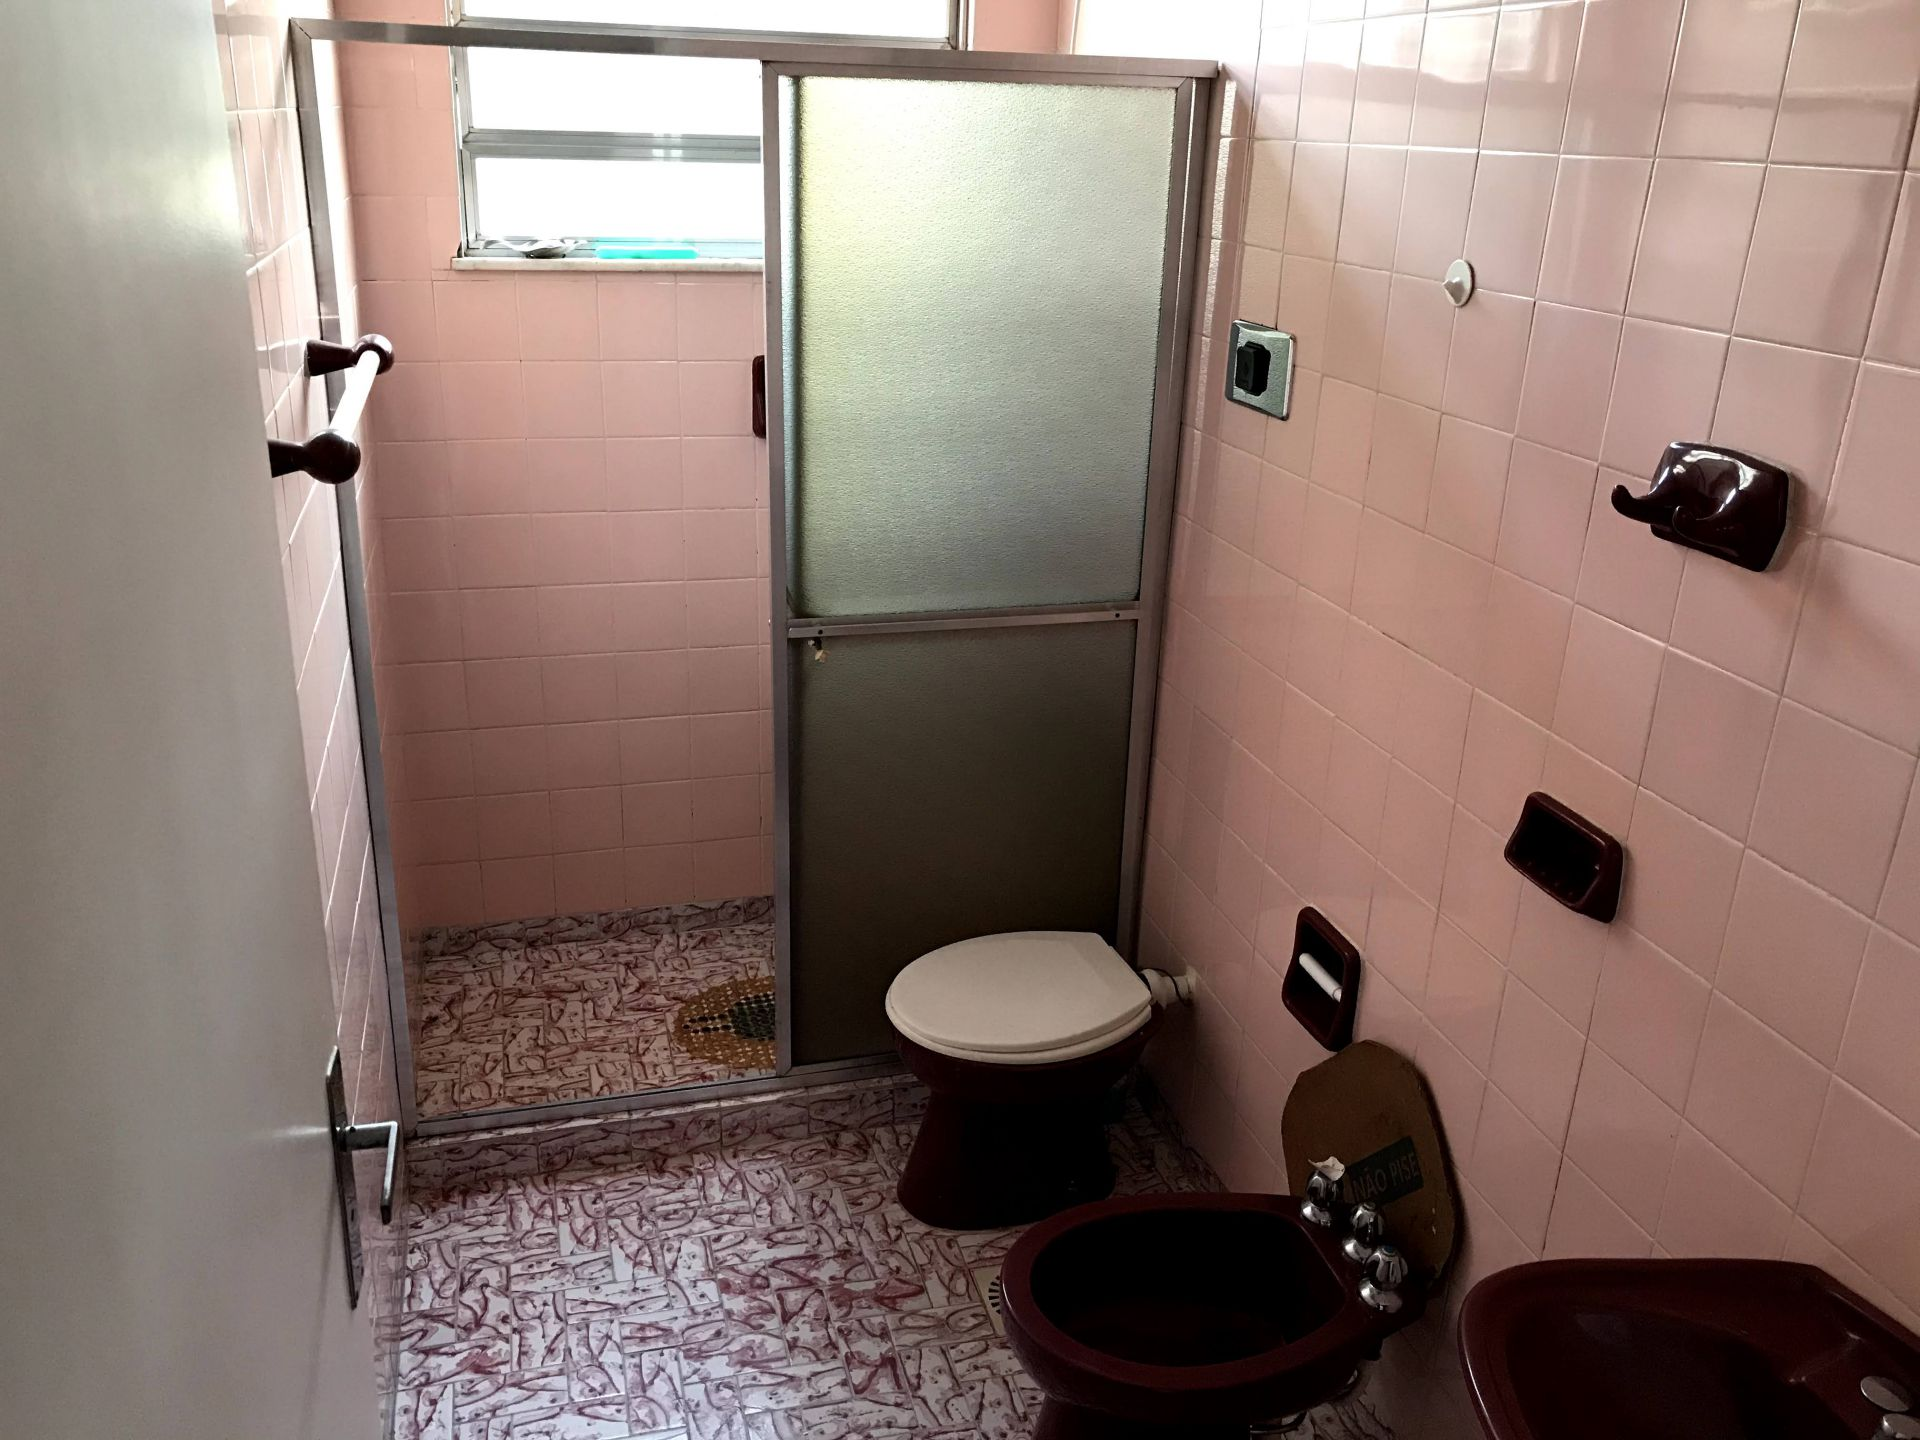 FOTO 8 - Casa à venda Rua Namur,Vila Valqueire, Rio de Janeiro - R$ 890.000 - RF269 - 9